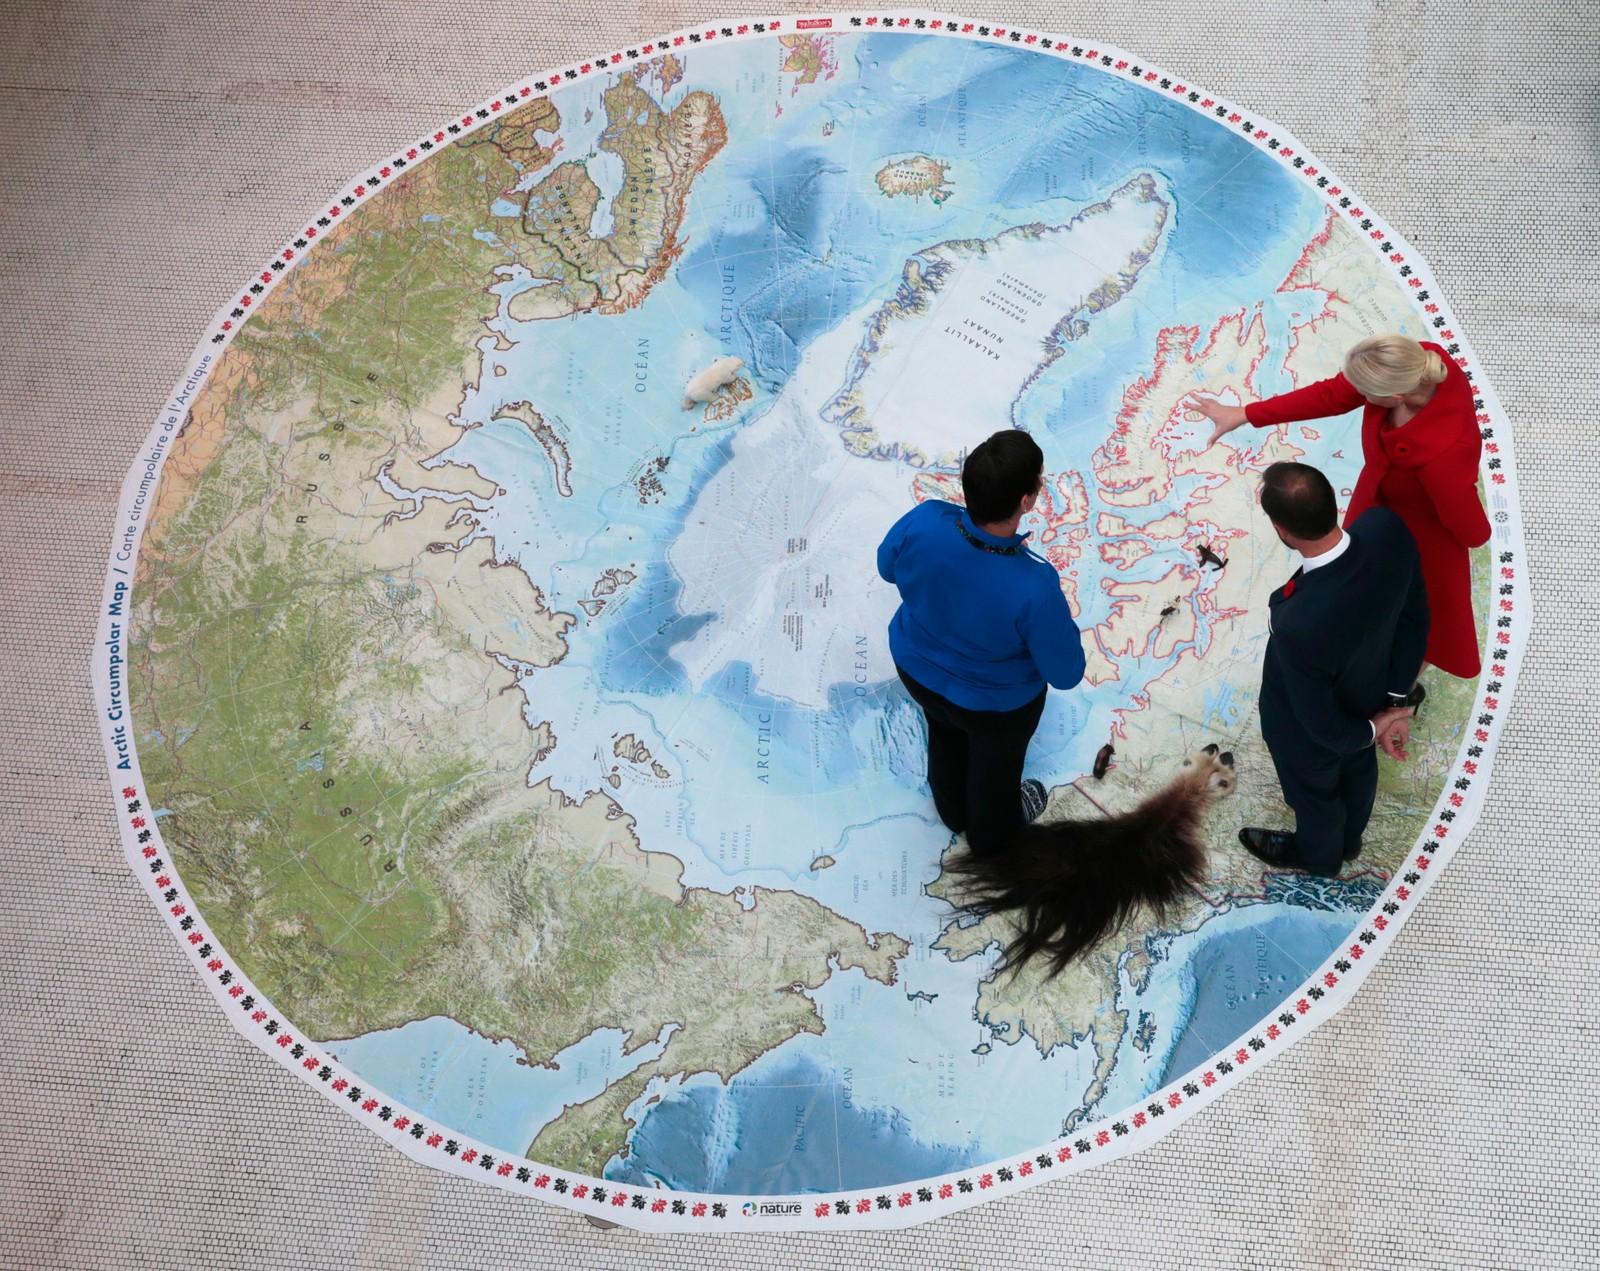 Kronprins Haakon og kronprinsesse Mette-Marit studerer polargolvkartet på Naturhistorisk museum i Ottawa. Det offisielle besøket til Canada varer til torsdag.